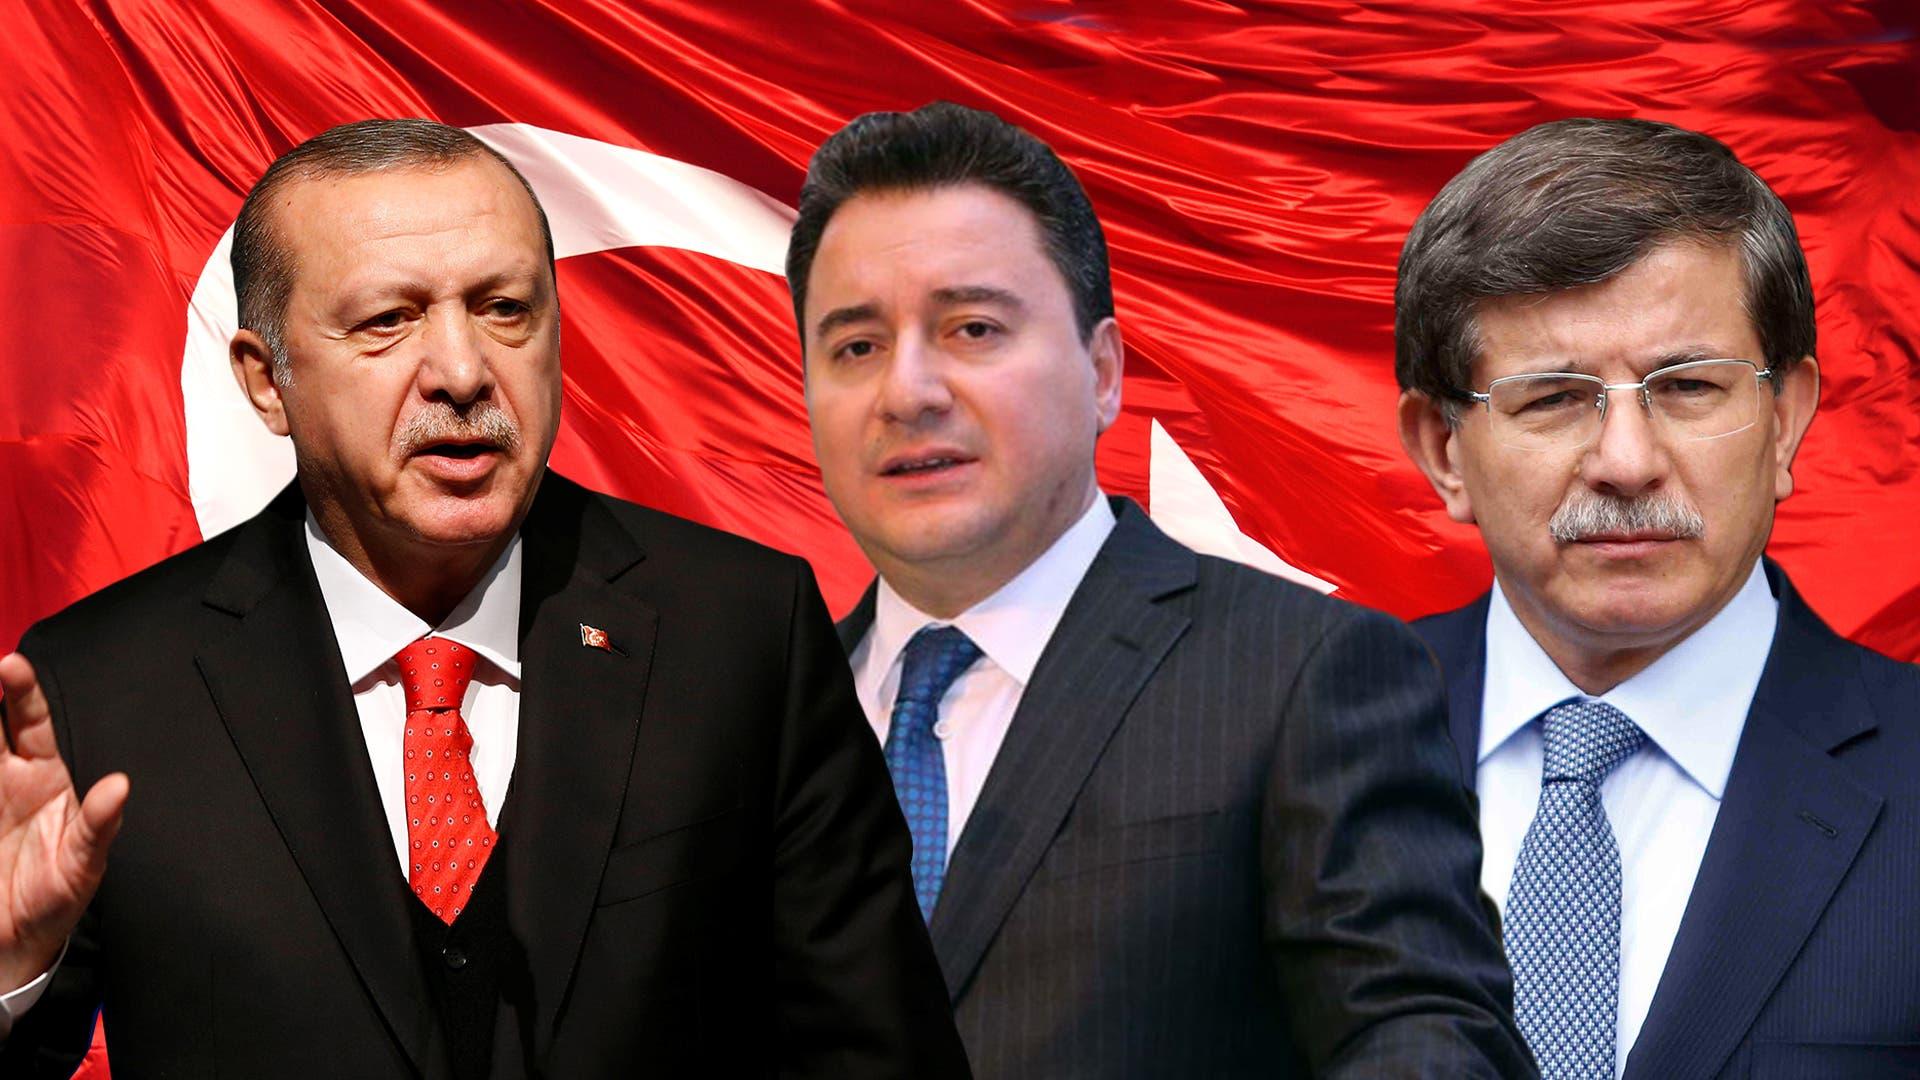 أحمد داوود أوغلو وعلي باباجان ورجب طيب أردوغان